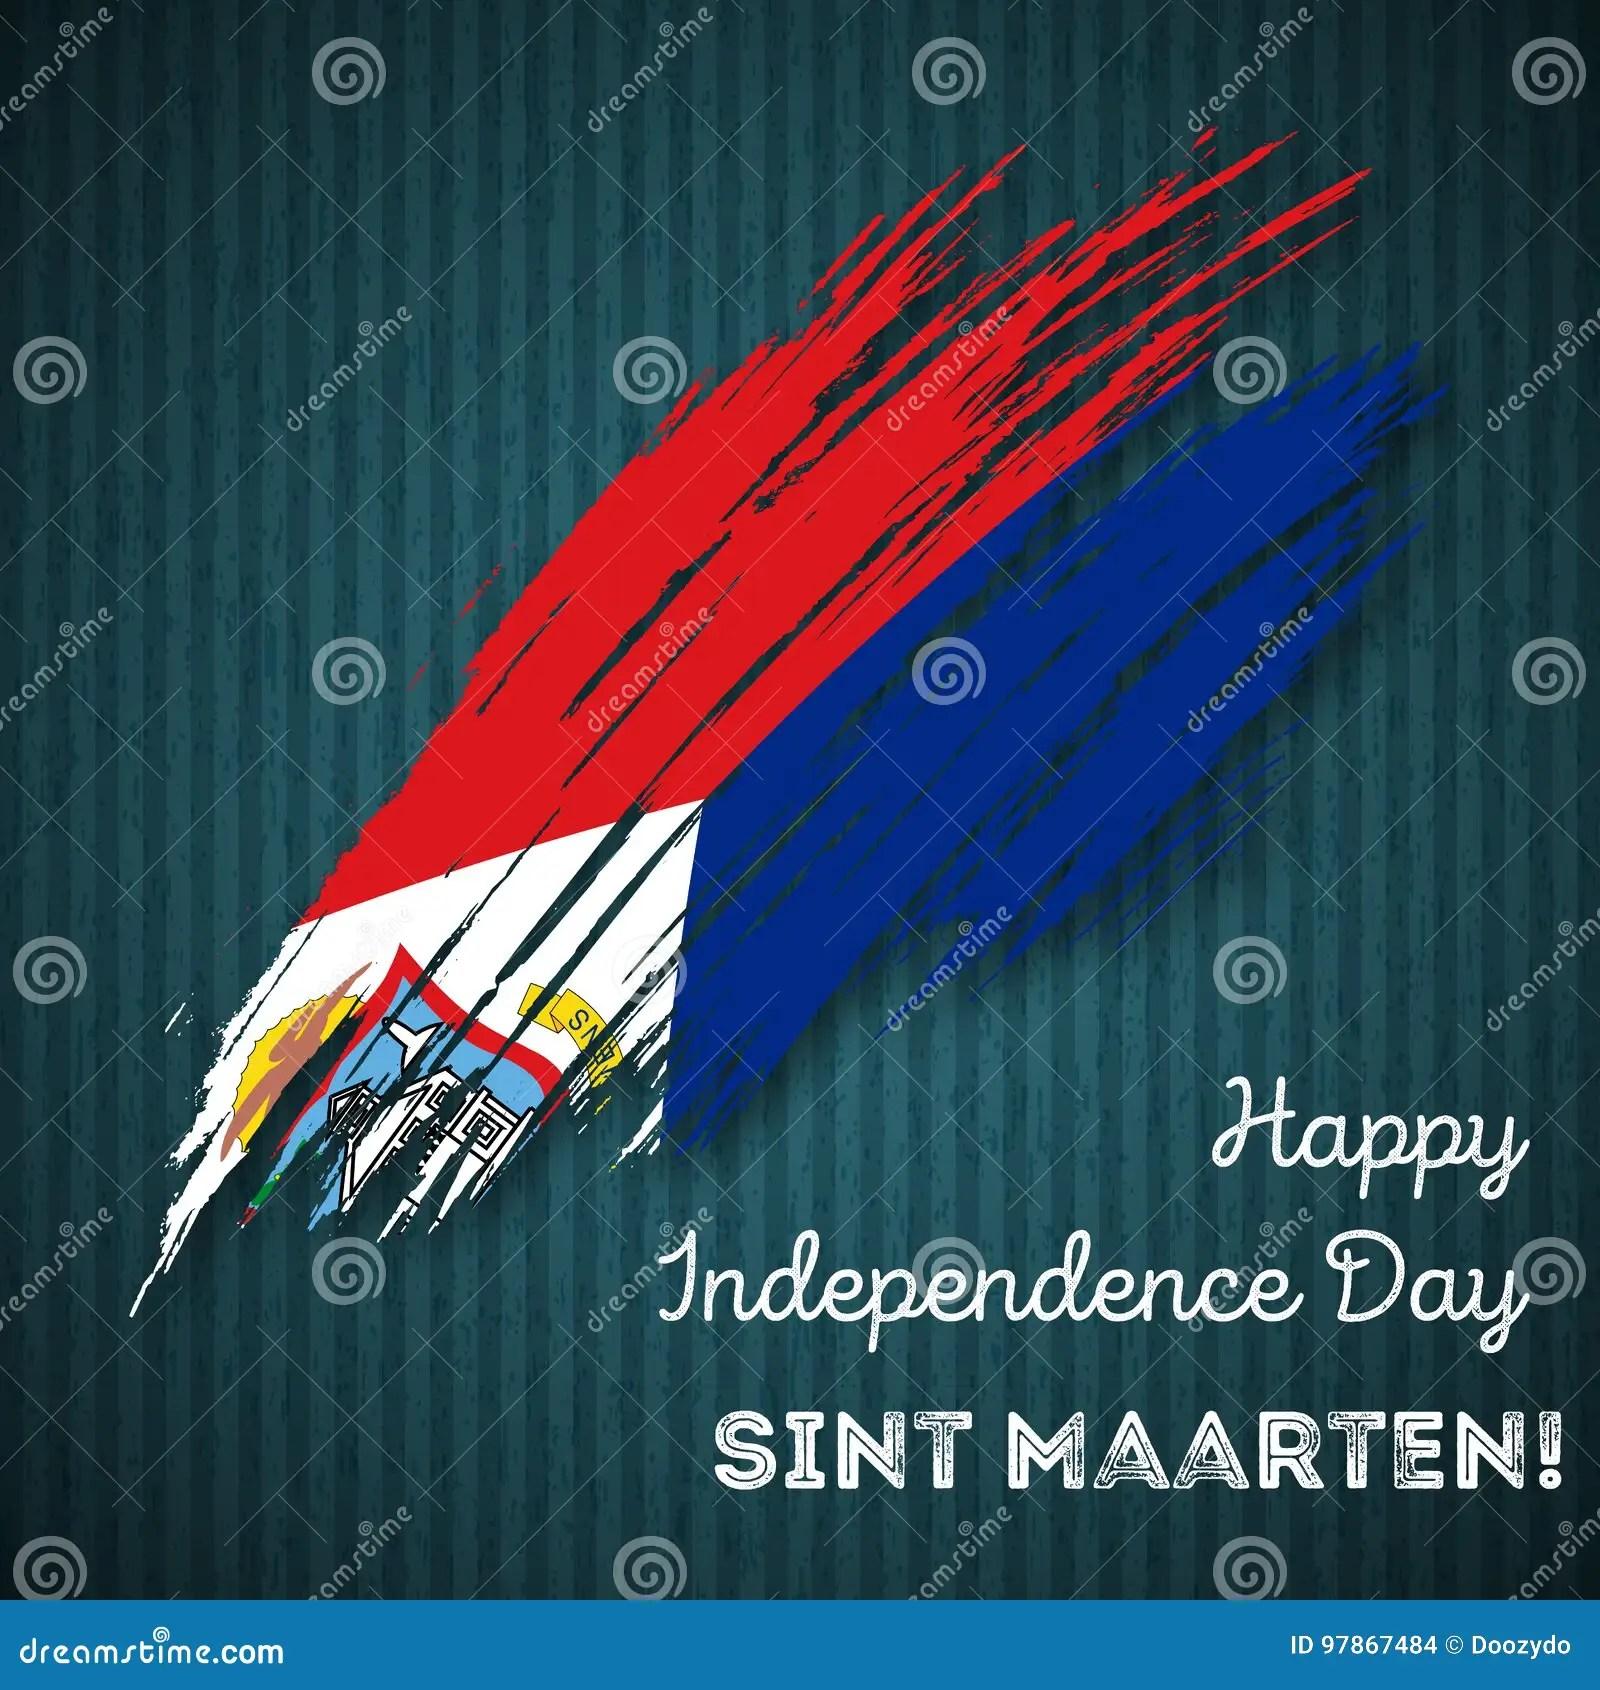 sint maarten independence day